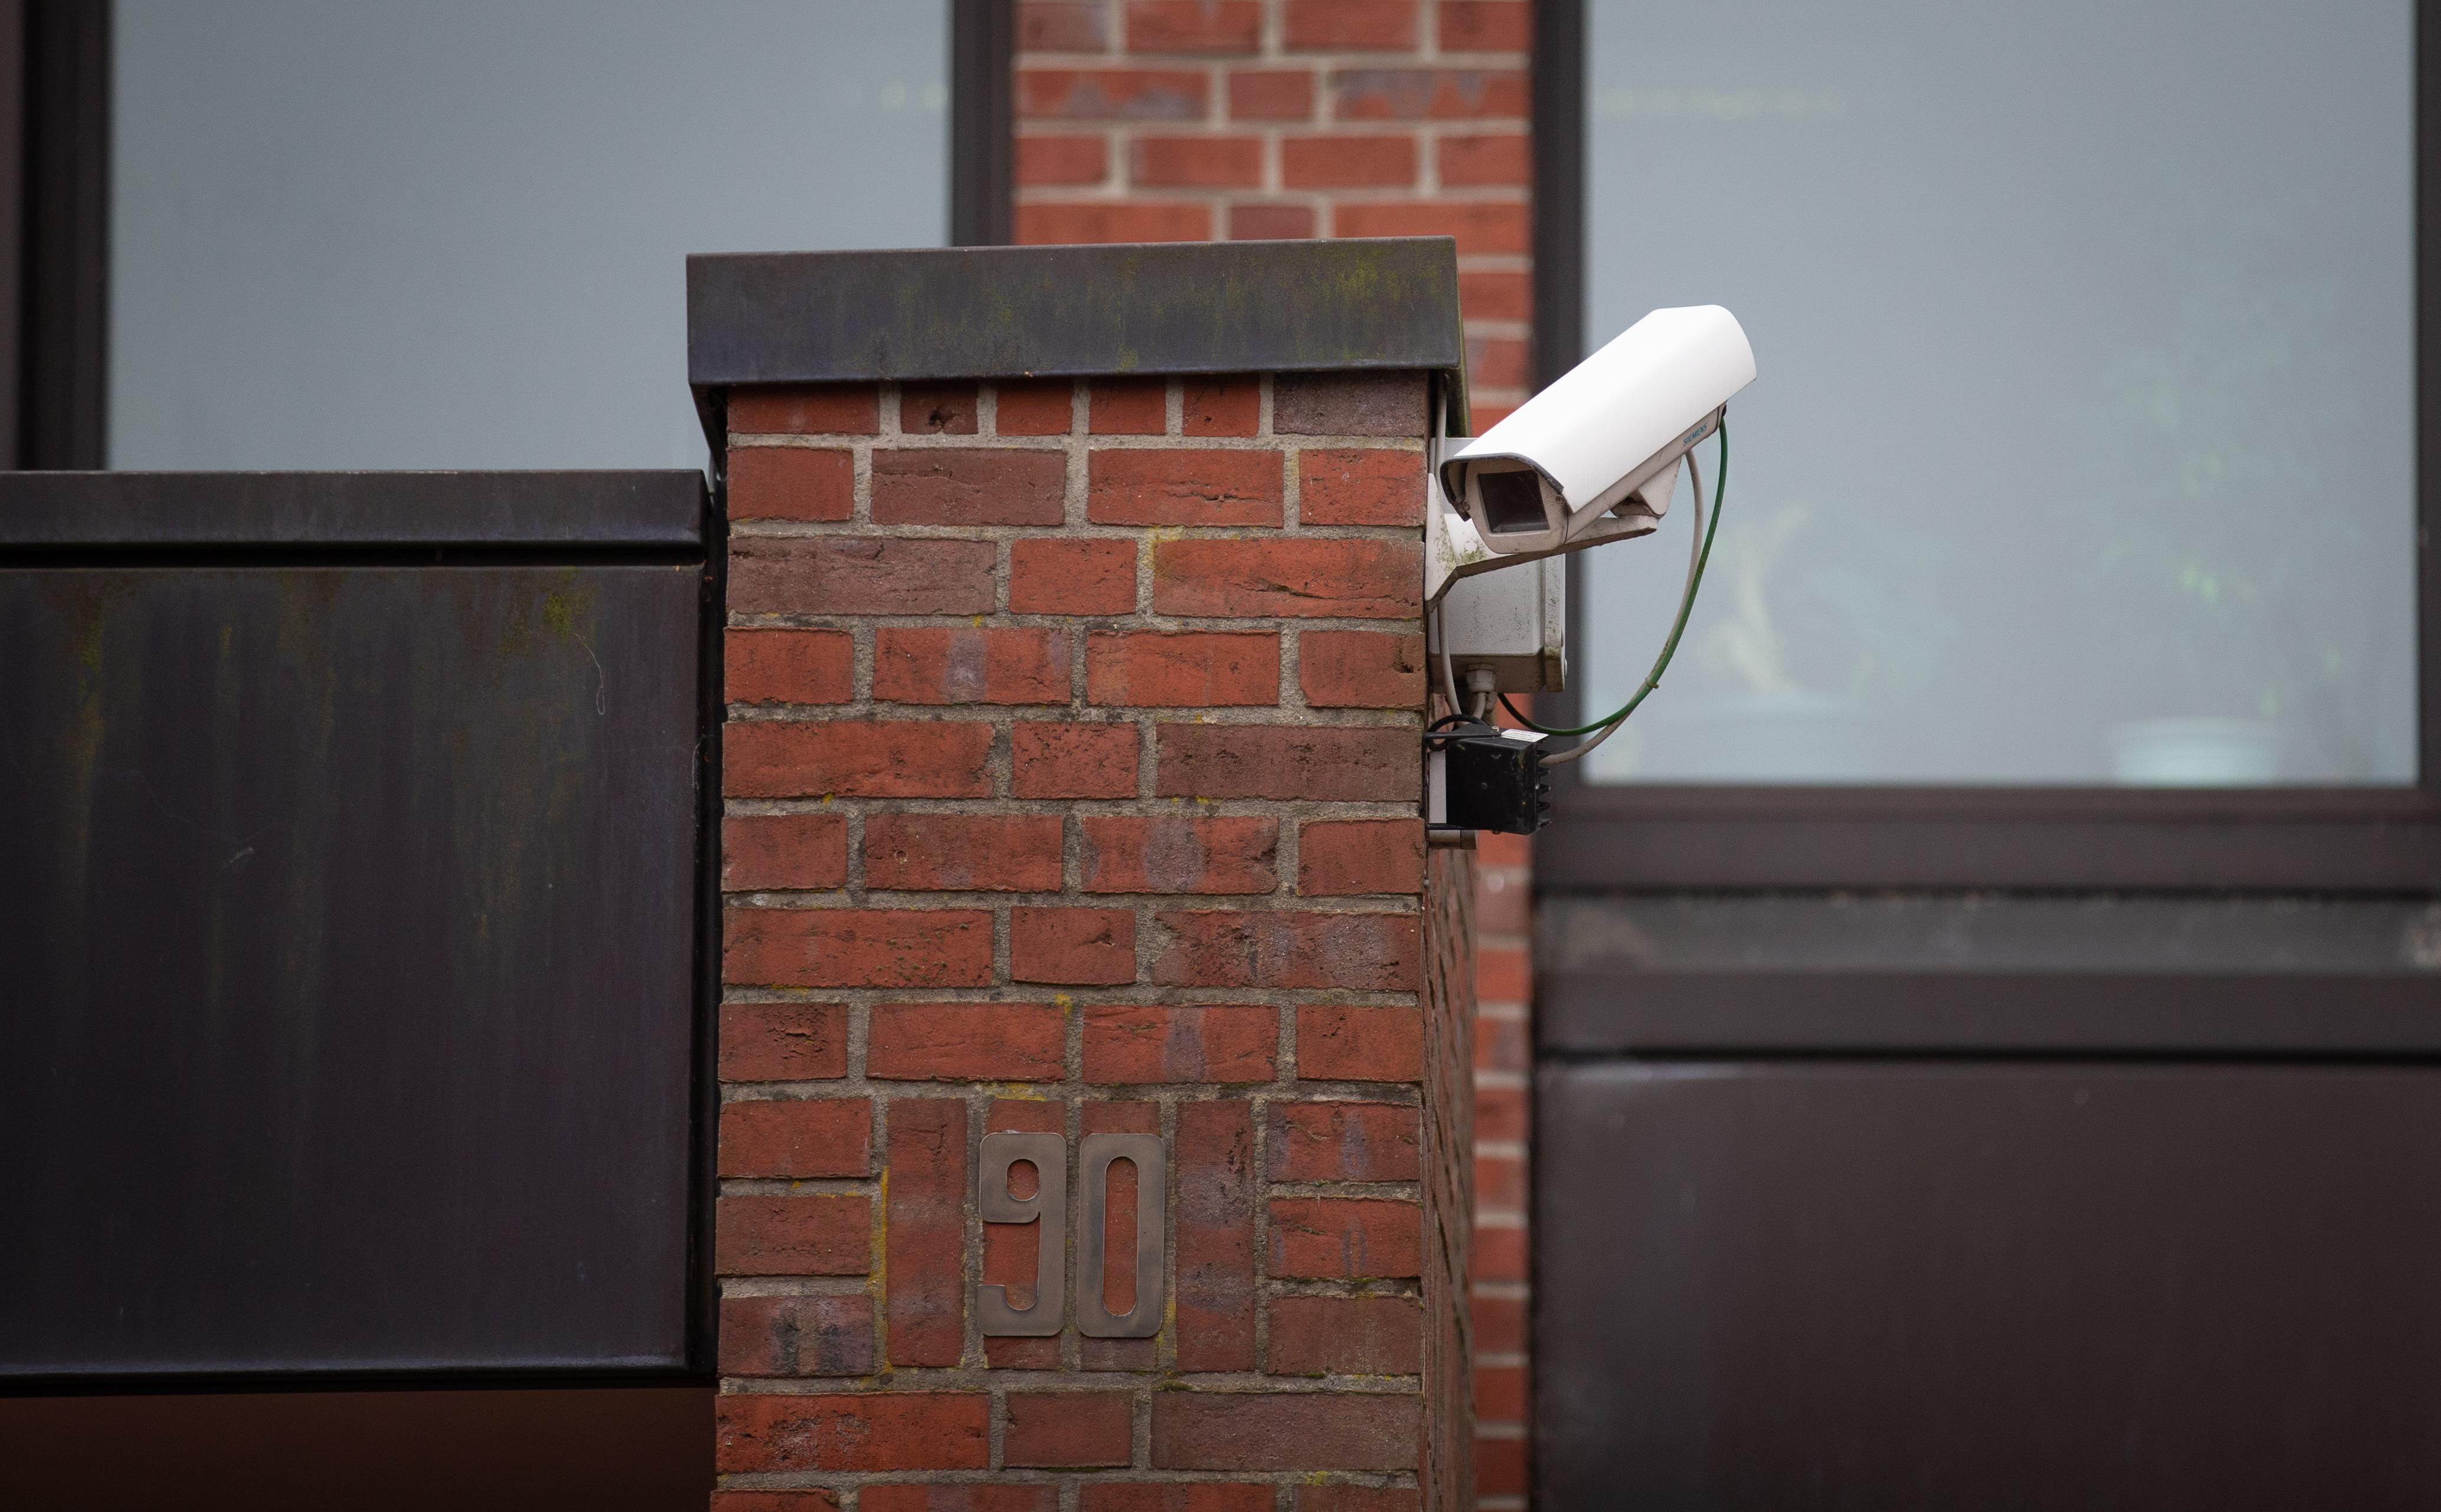 Térfigyelő kamerákkal üldözik az adósokat Oroszországban